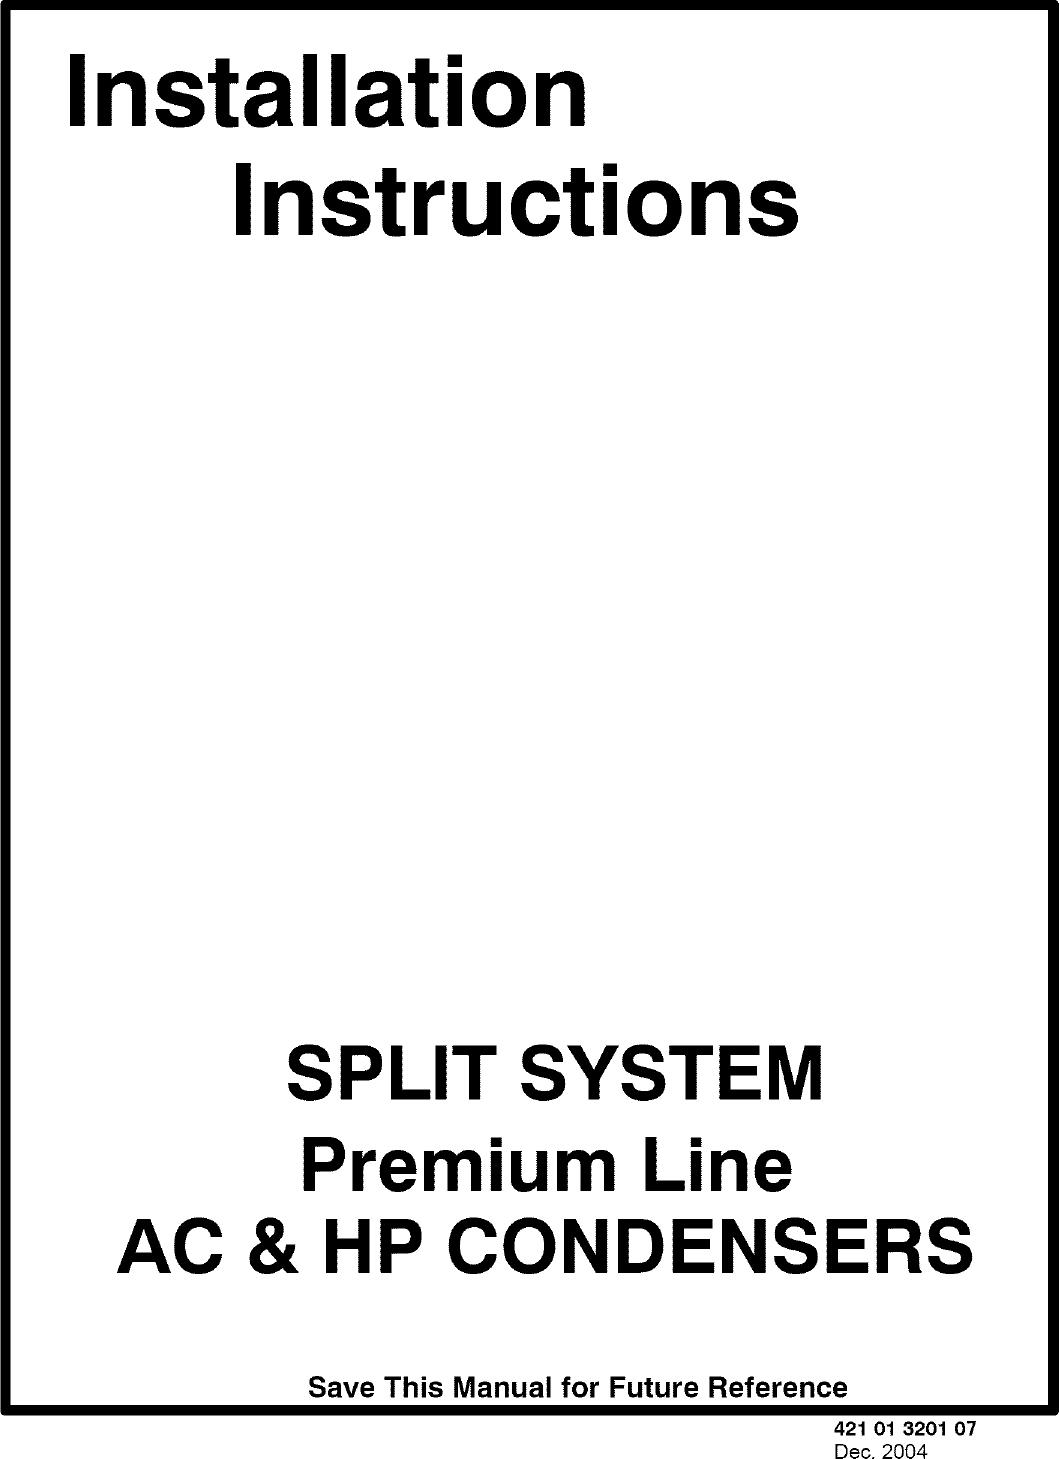 icp chp024aka1 user manual heat pump manuals and guides